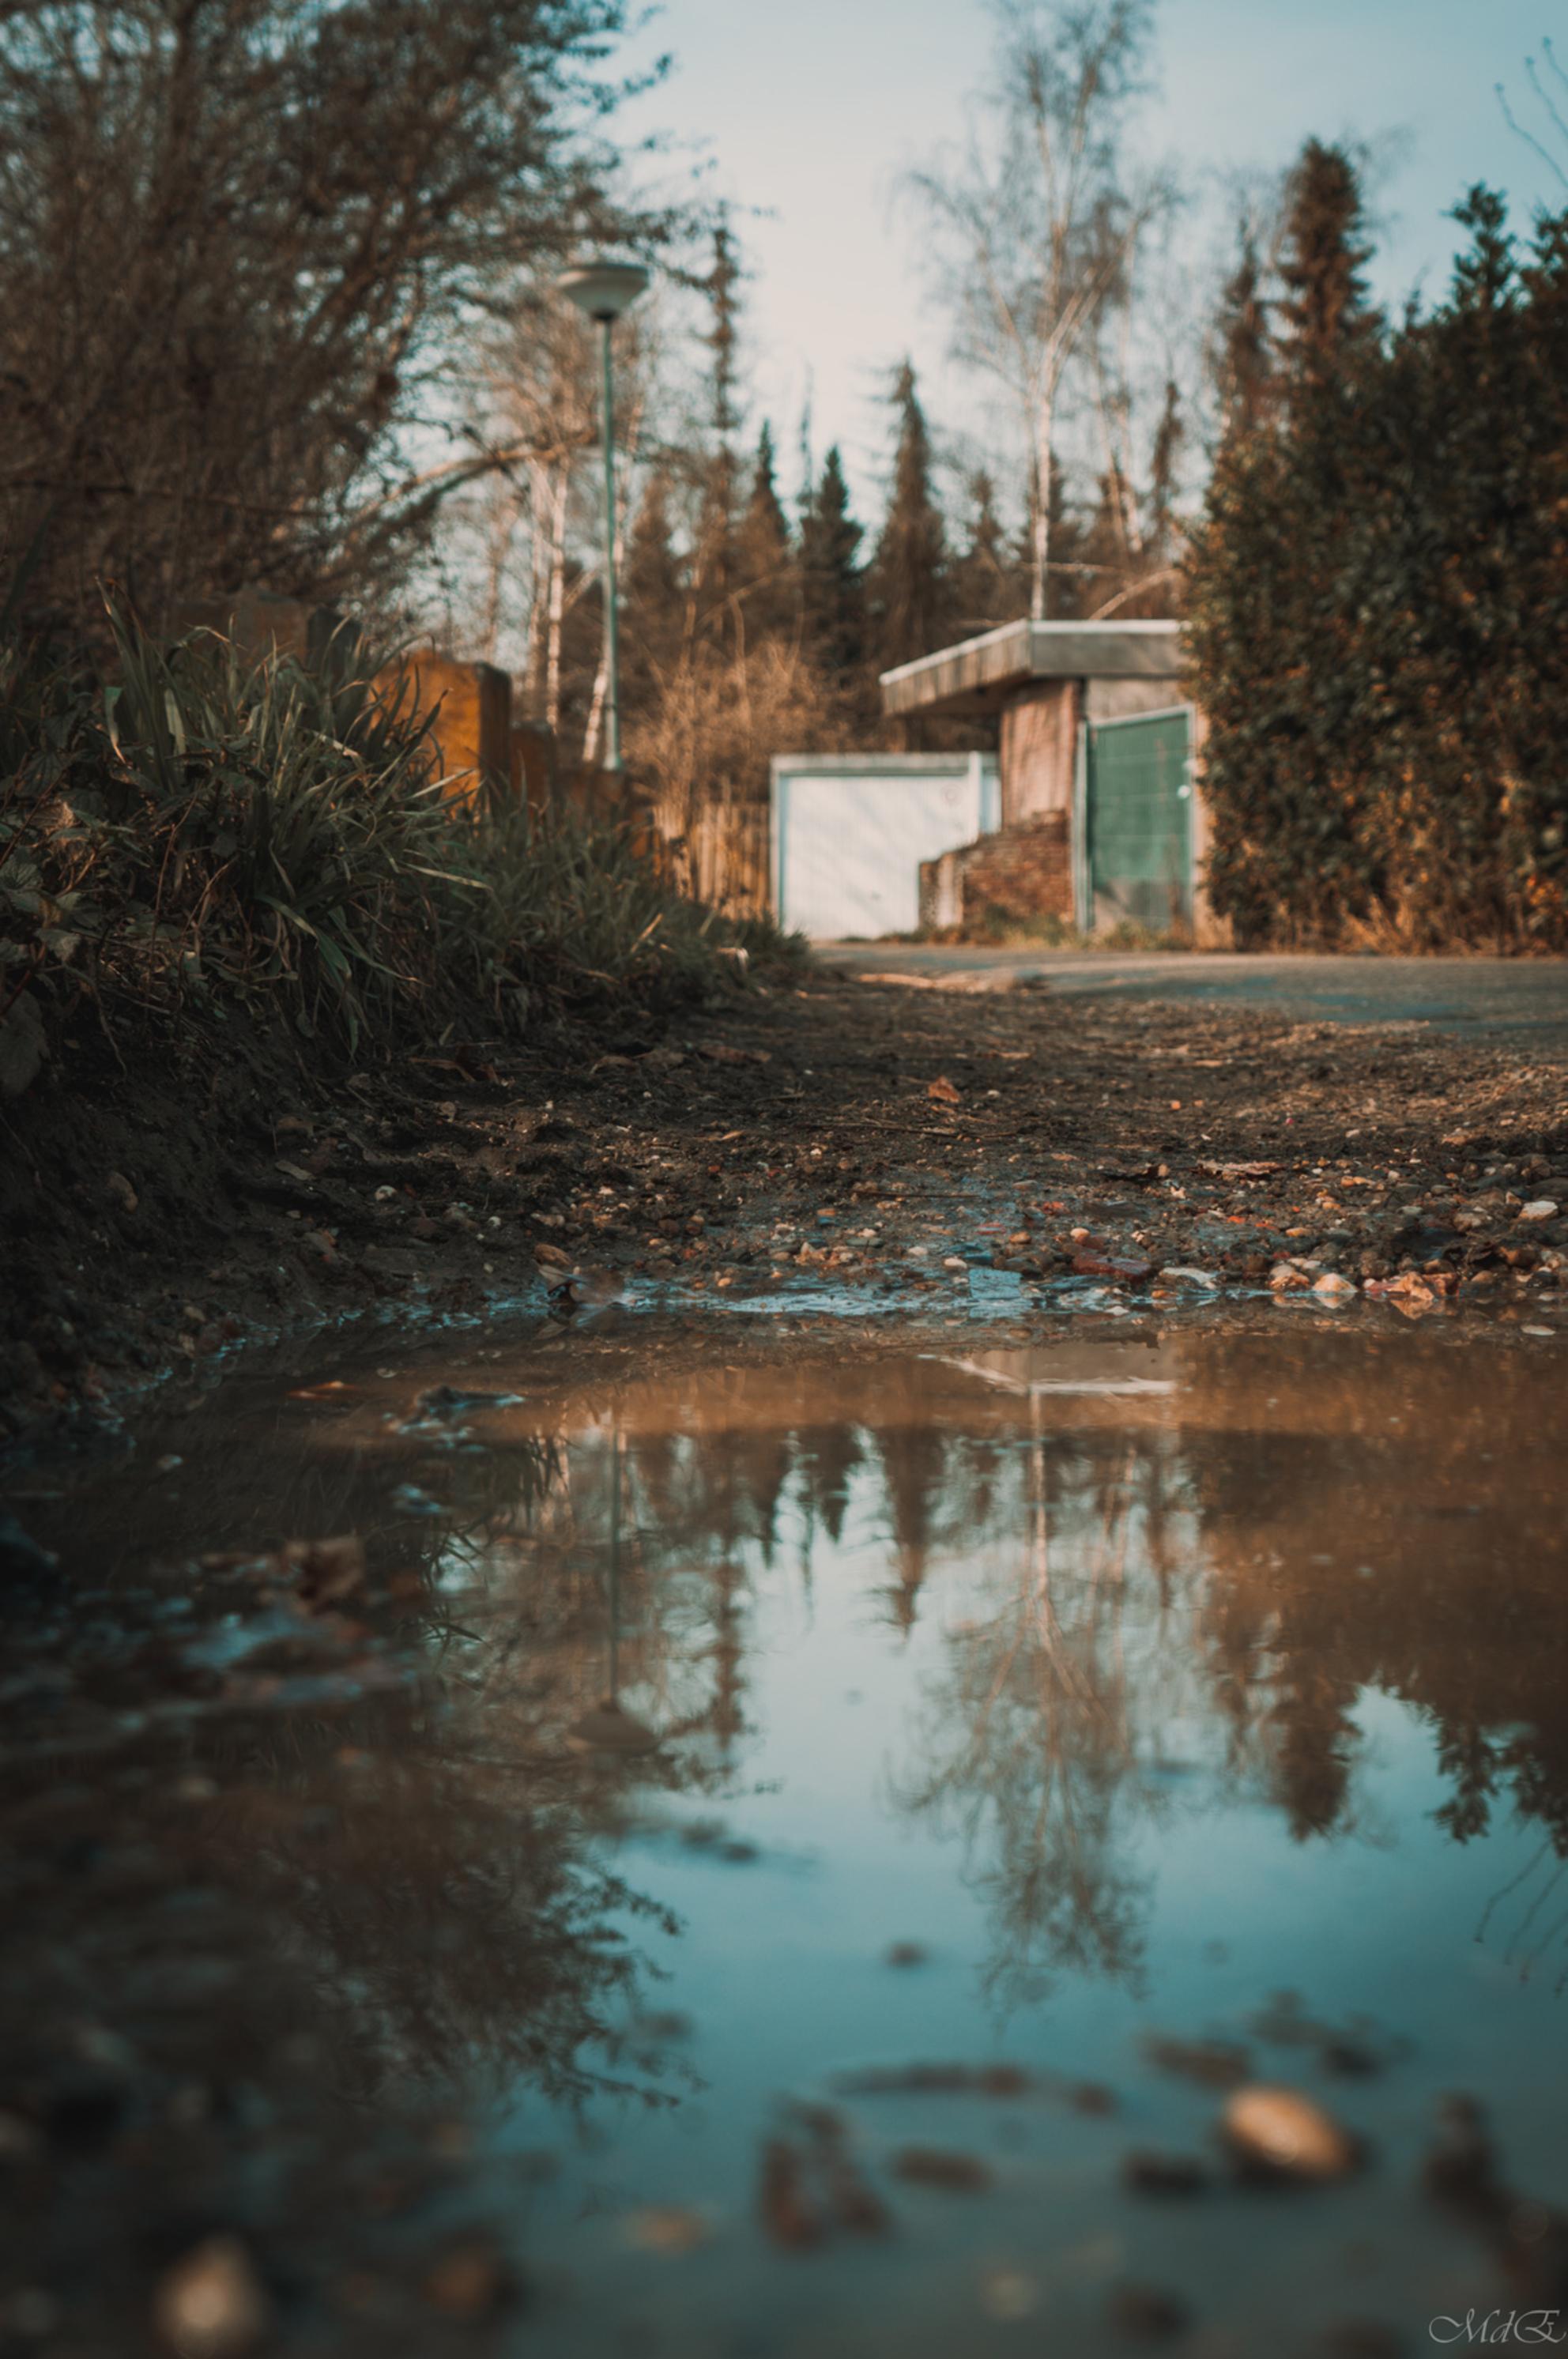 De Plas - - - foto door MdE Fotografie op 04-03-2021 - deze foto bevat: straat, water, licht, avond, markt, spiegeling, schaduw, stad, graffiti, huis, straatfotografie - Deze foto mag gebruikt worden in een Zoom.nl publicatie